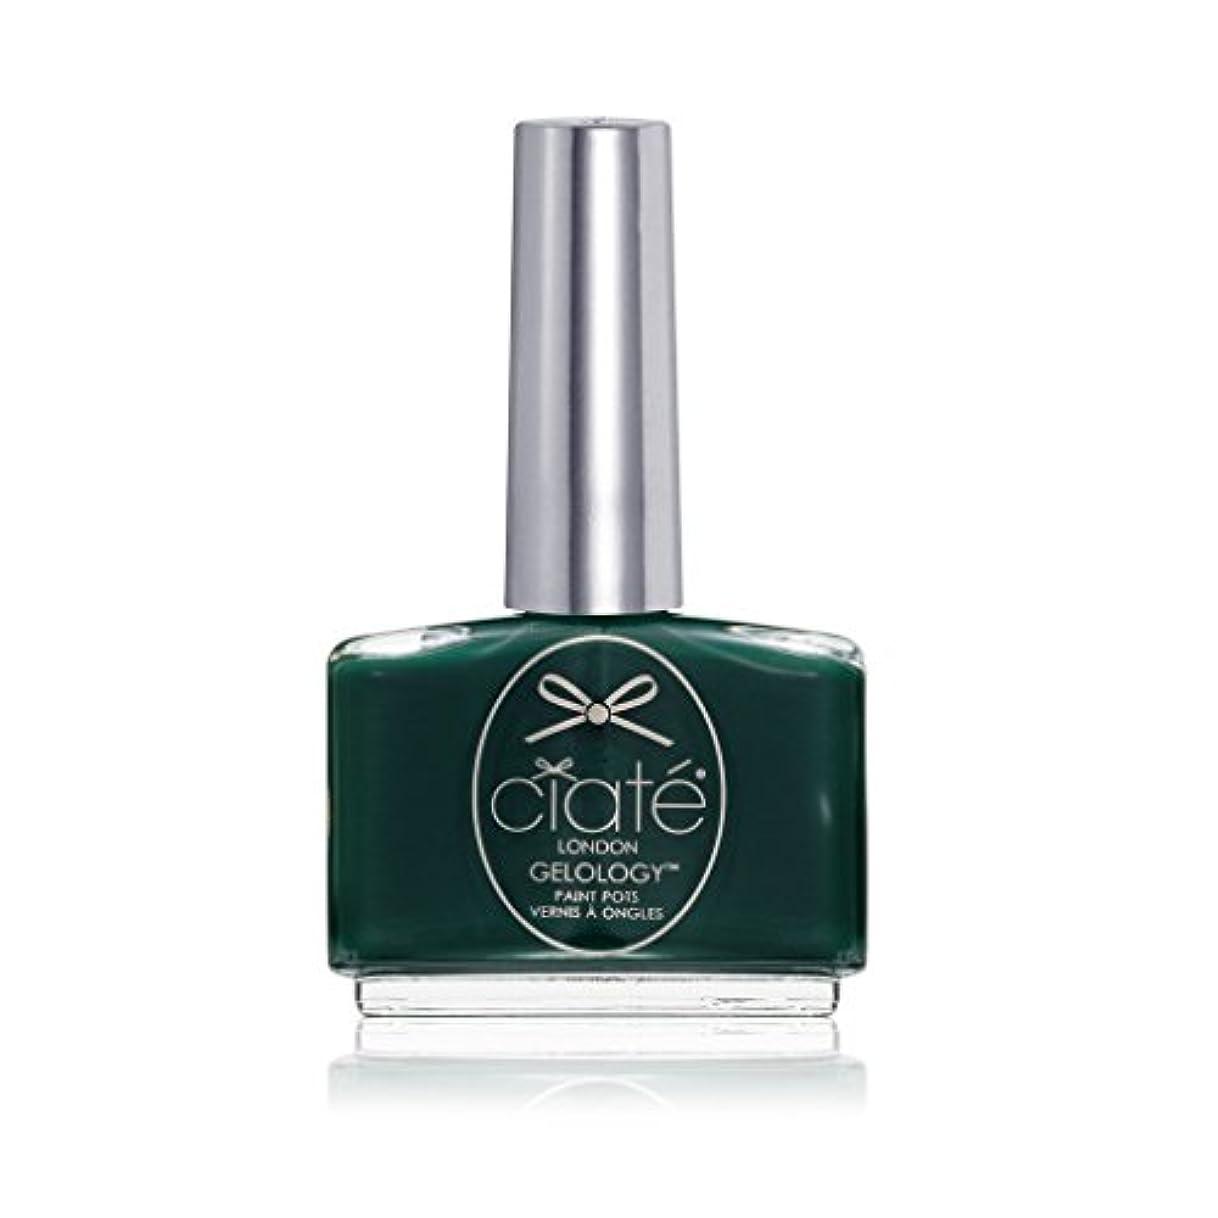 決定するたくさん解放する[ciate] [シアテロンドン ] ジェルロジー レーシングクイーン(カラー:モスグリーン)-GELOLOGY-RACING QUEEN 色:モスグリーン ネイルカラー系統:グリーン 13.5mL